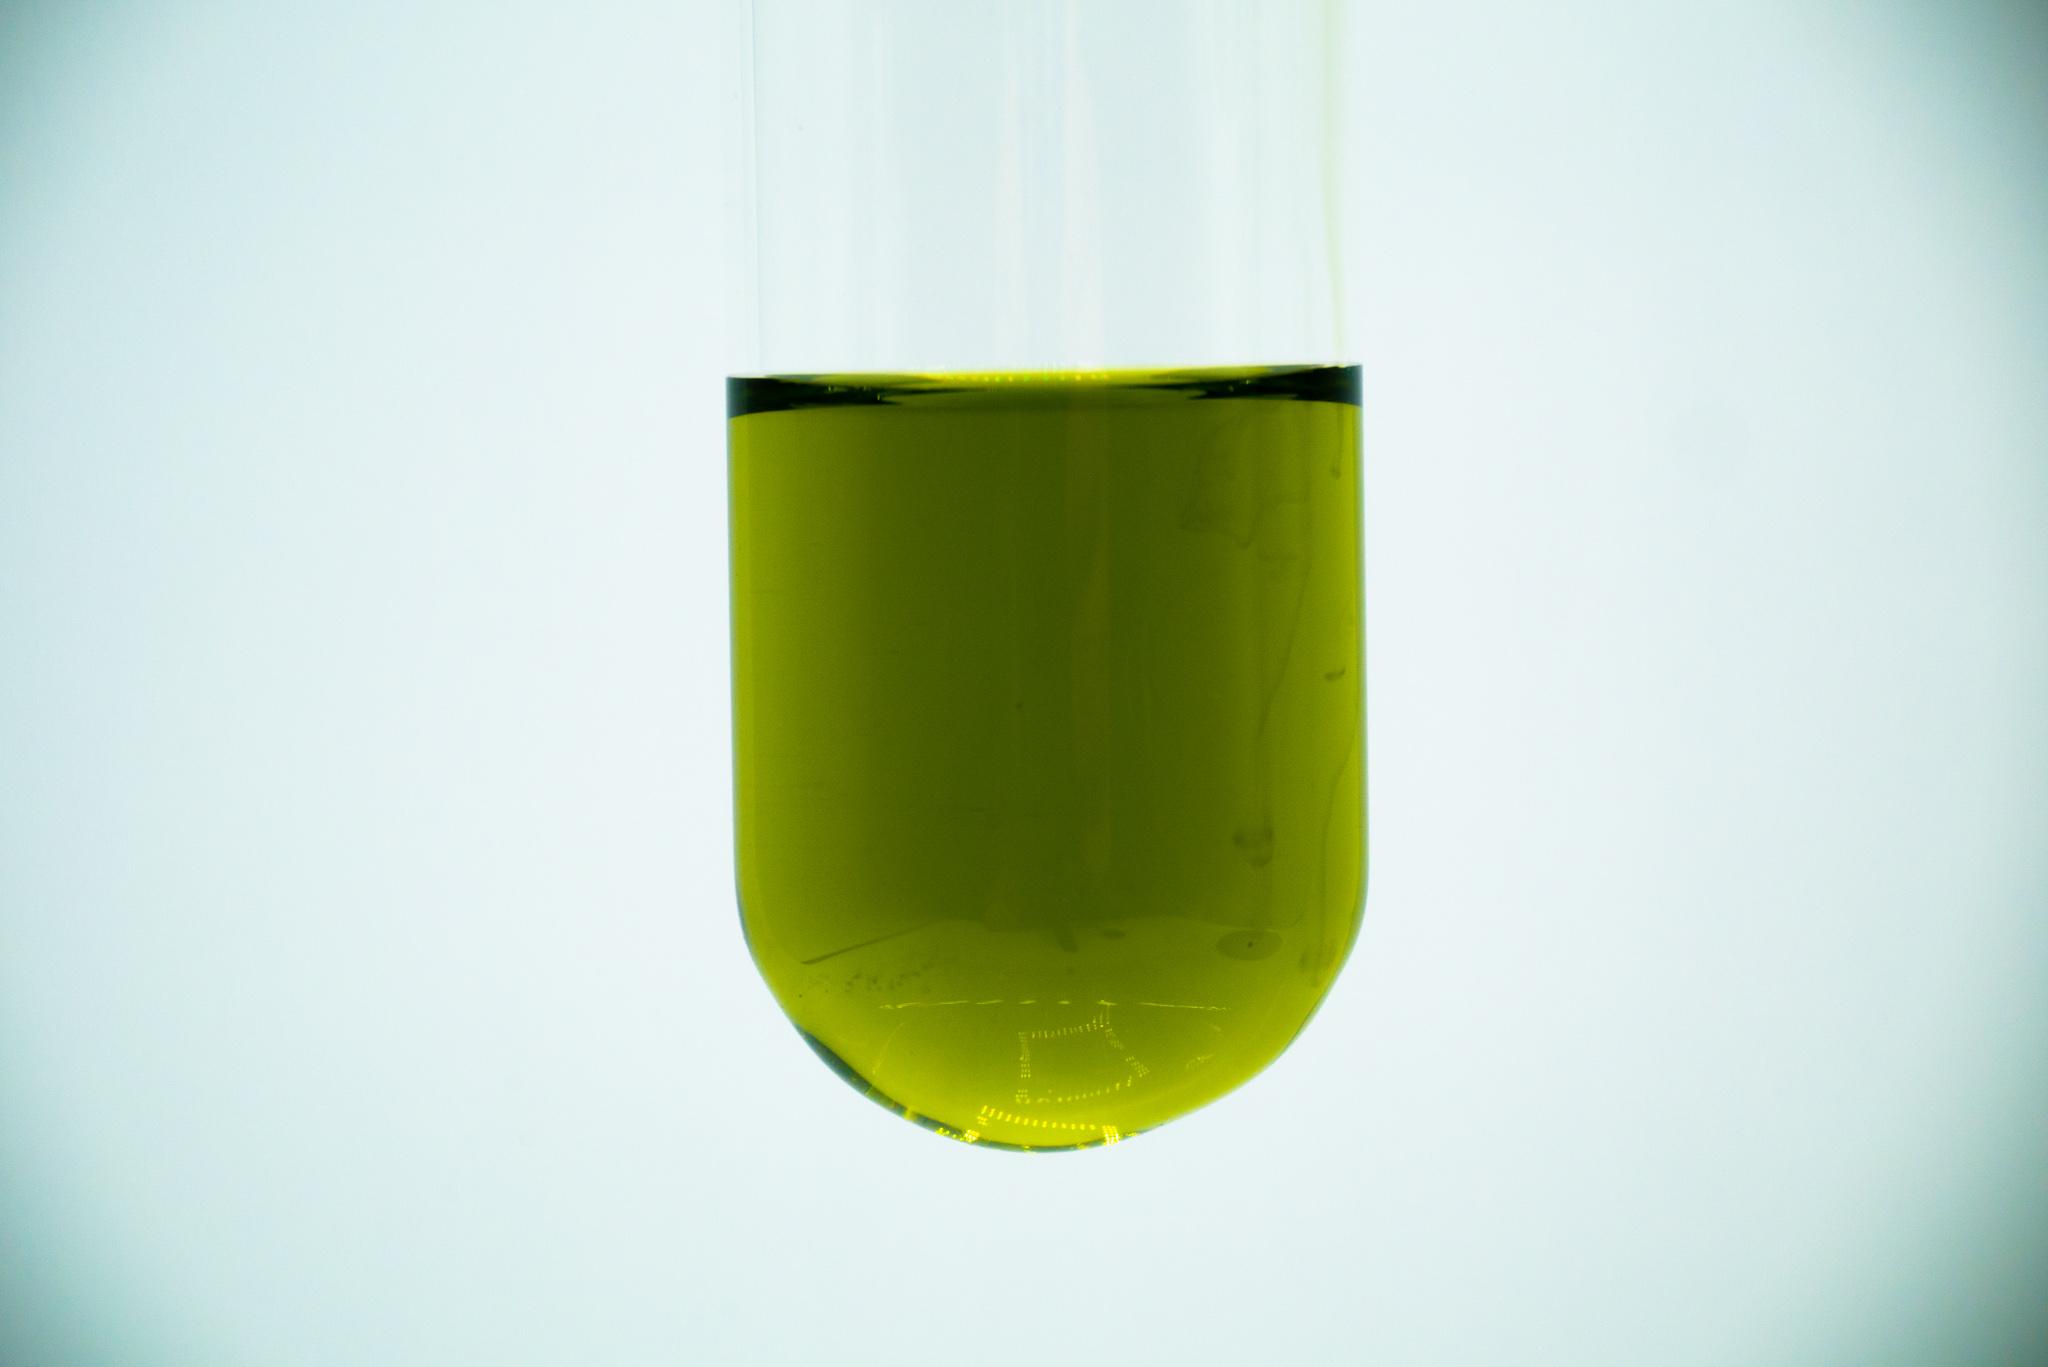 ユーグレナ由来銅クロロフィル色素